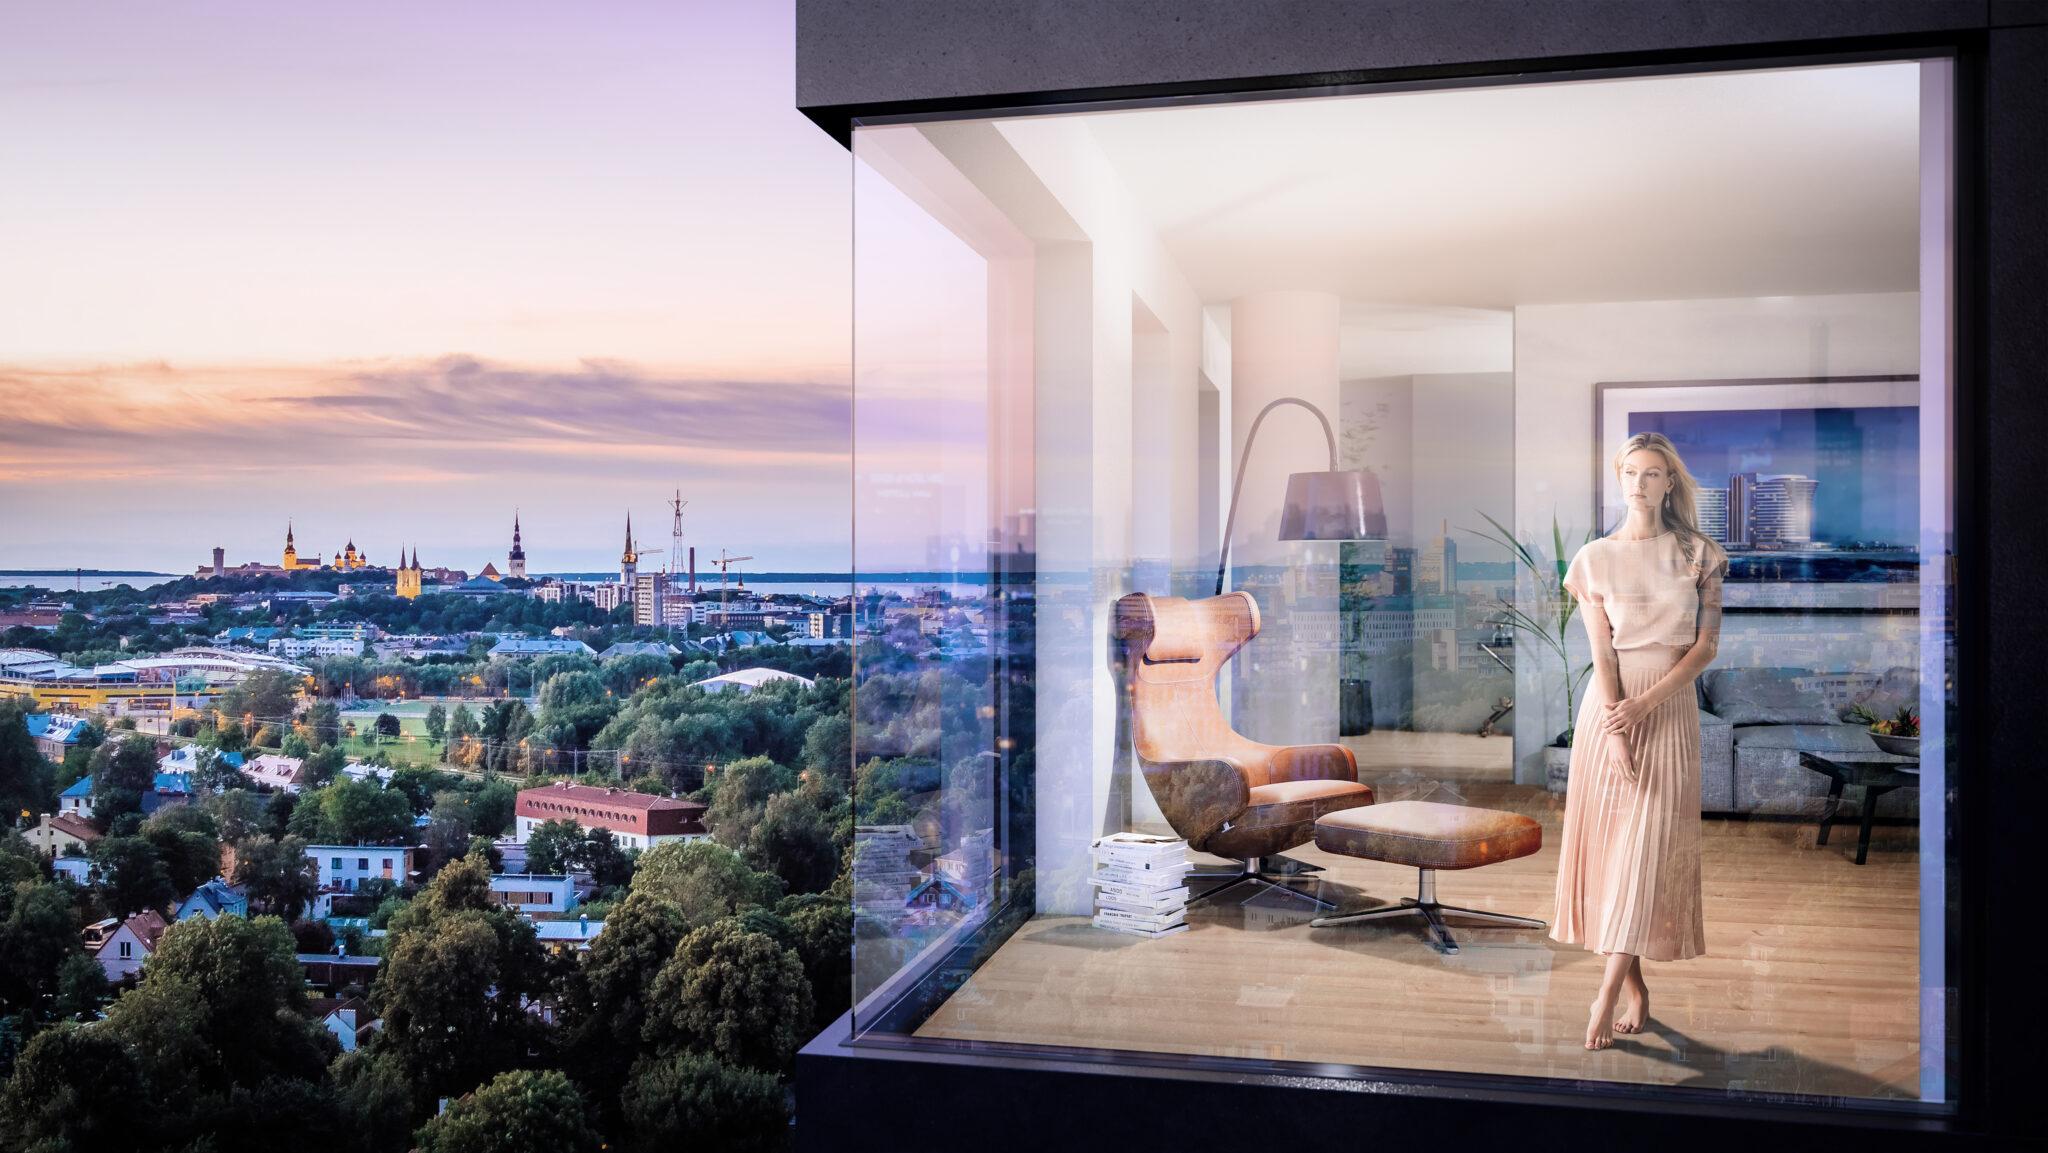 Endover tõi müüki Eesti suurima ja kalleima luksuskorteri